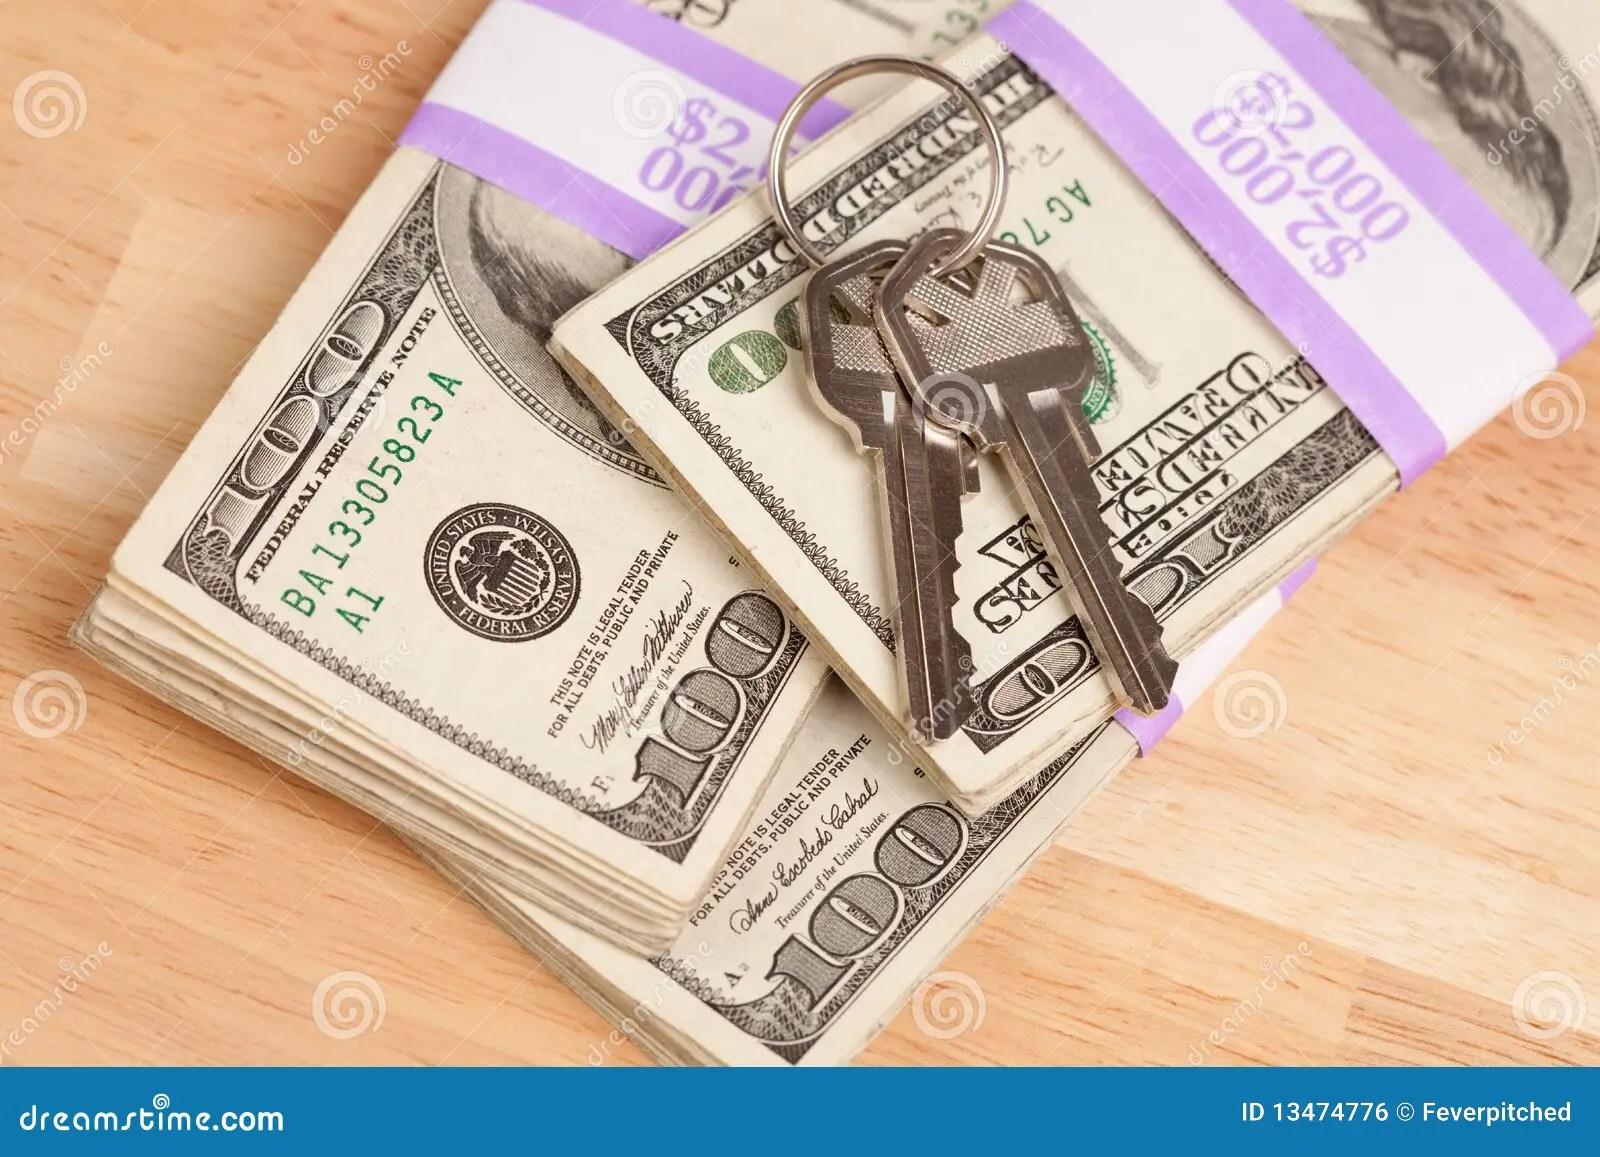 House Keys On Stack Of Money Stock Photo  Image 13474776